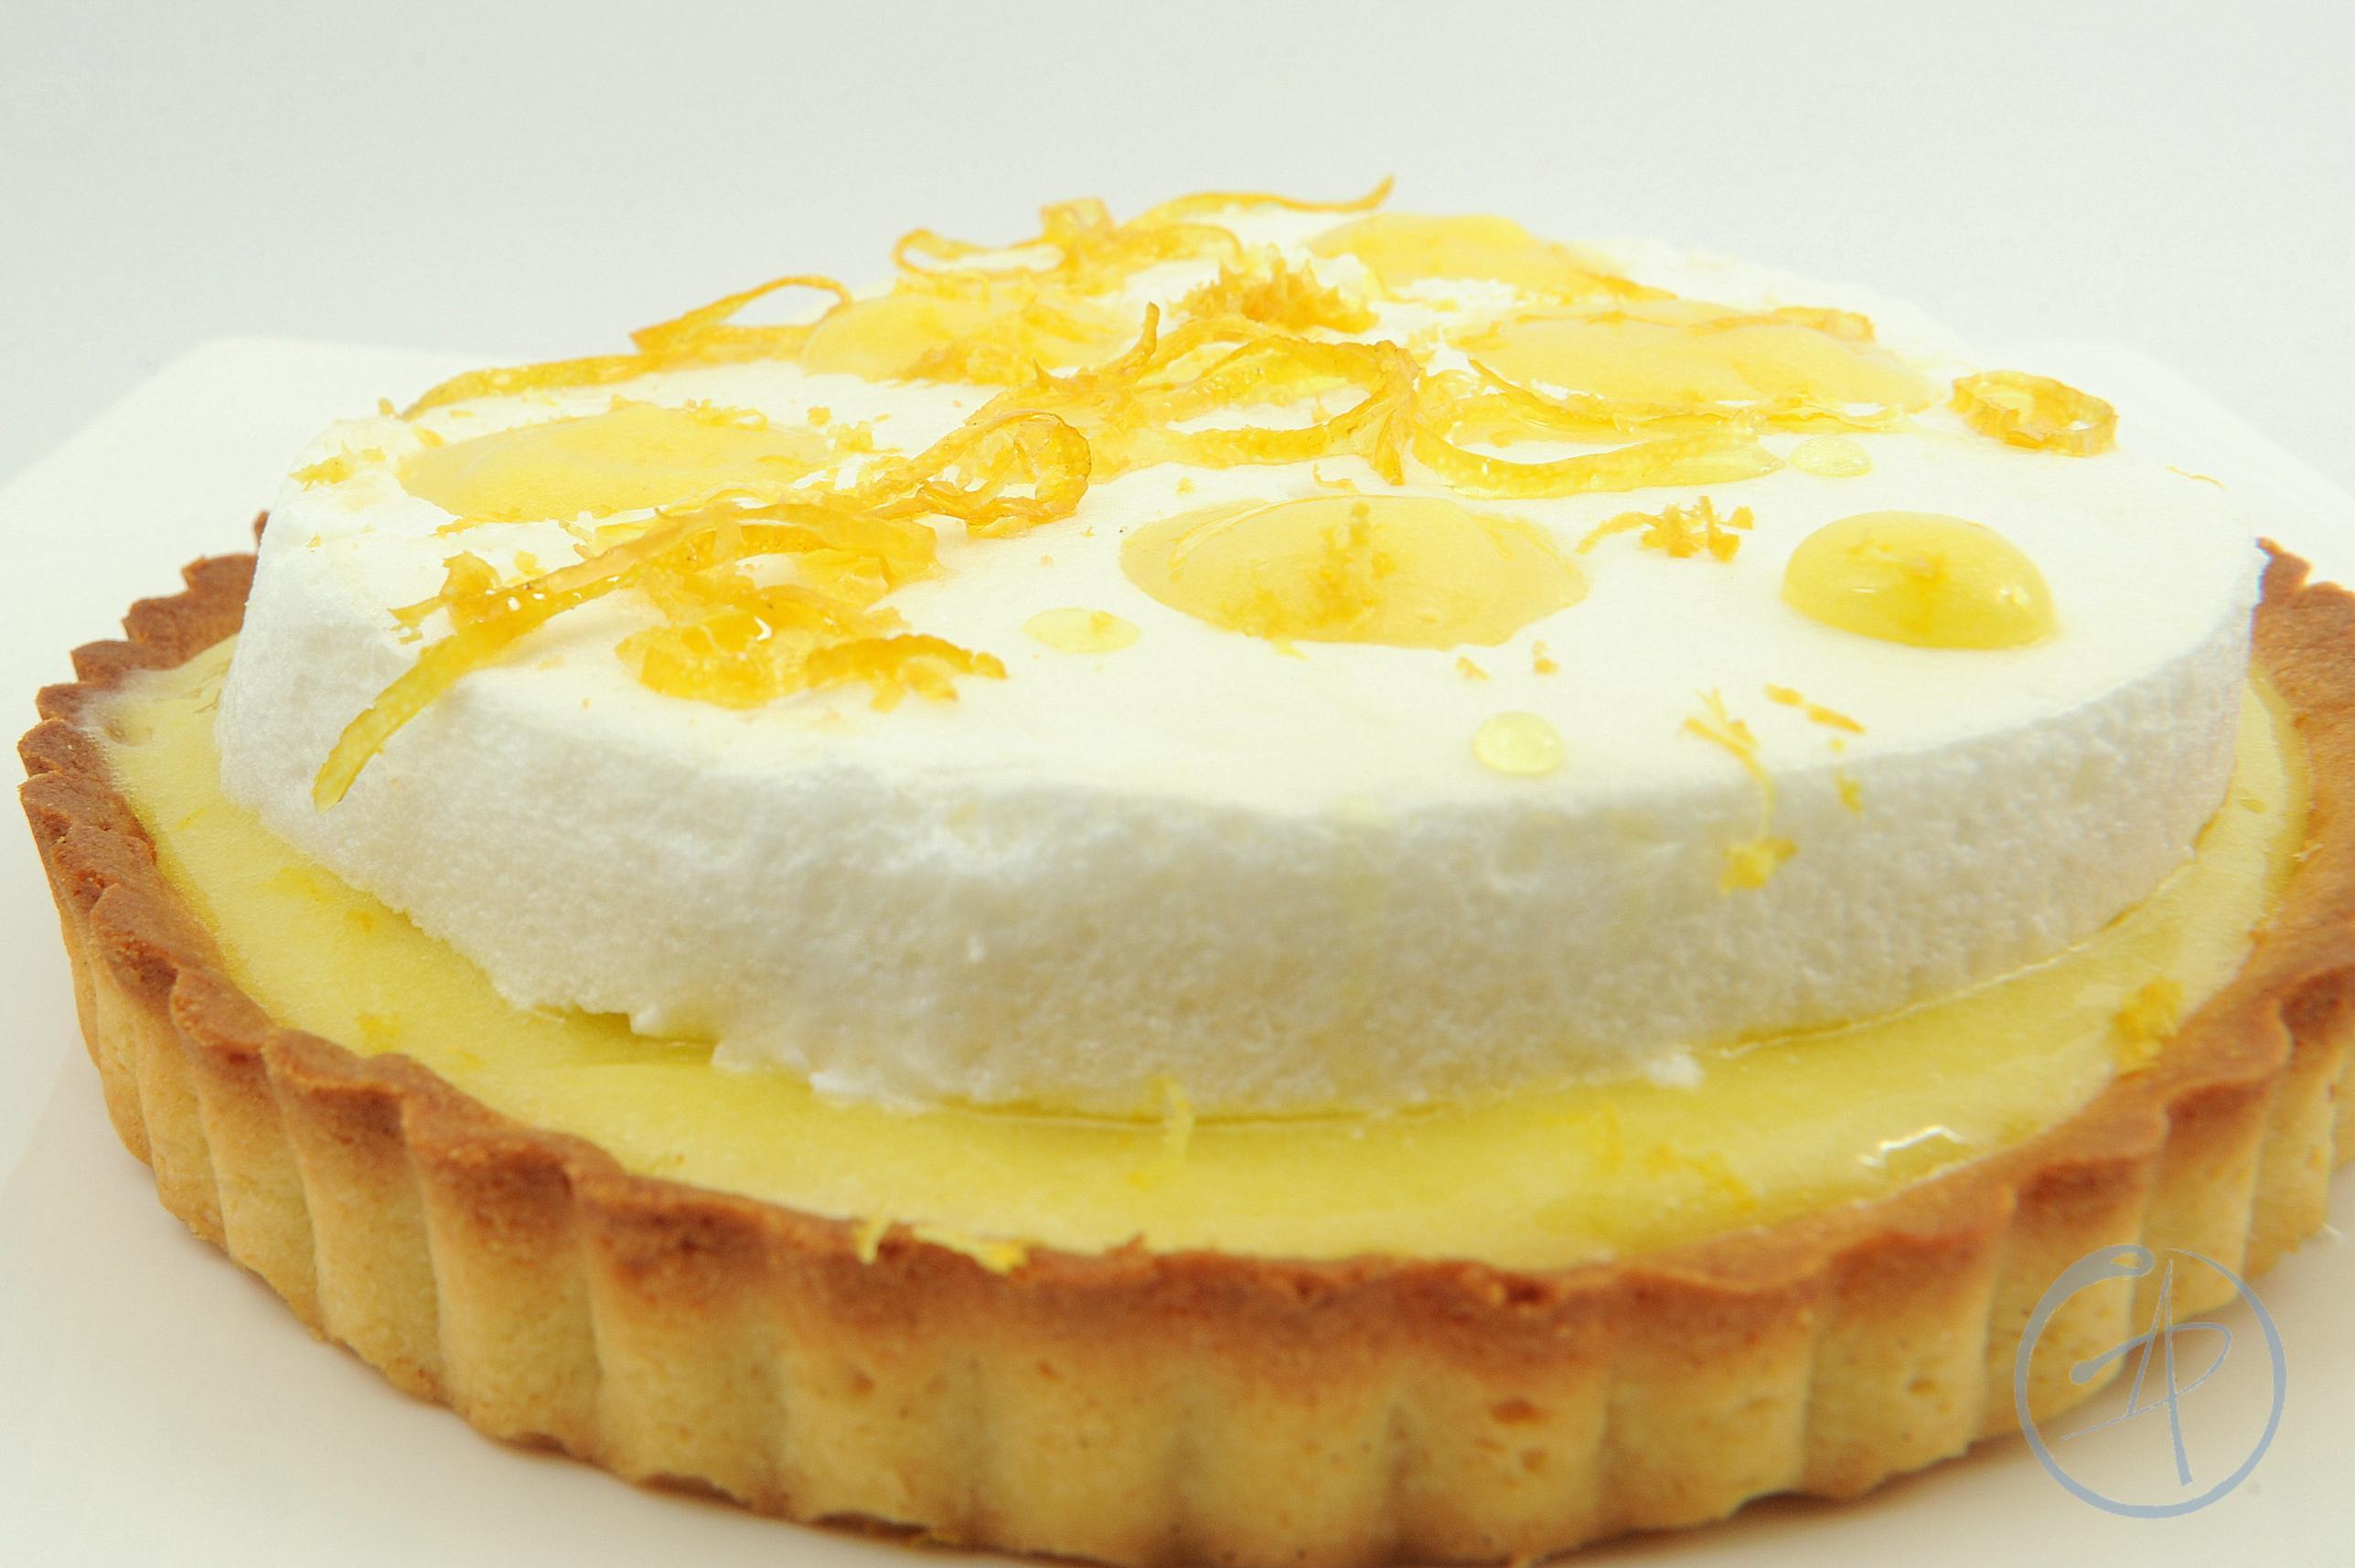 tarte au citrone F Perret